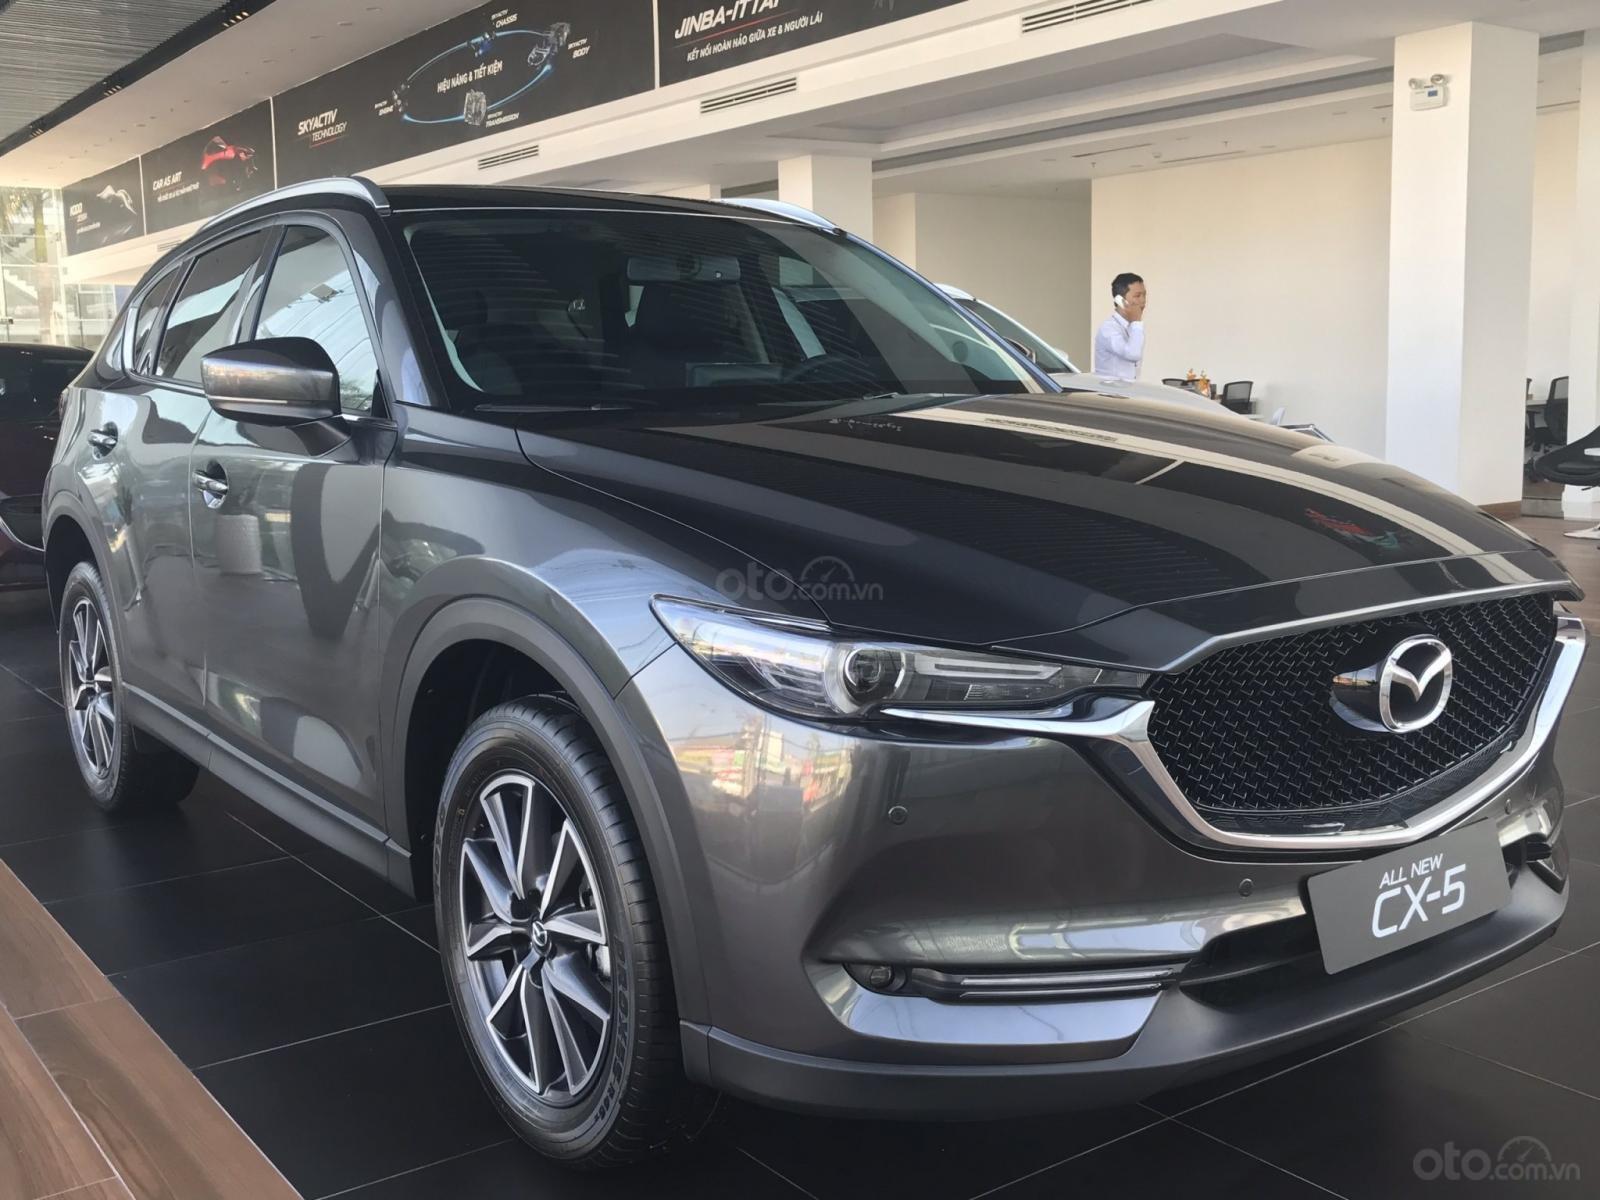 Bán Mazda CX5 2019 2.5 Premium ưu đãi đến 100 triệu (8)